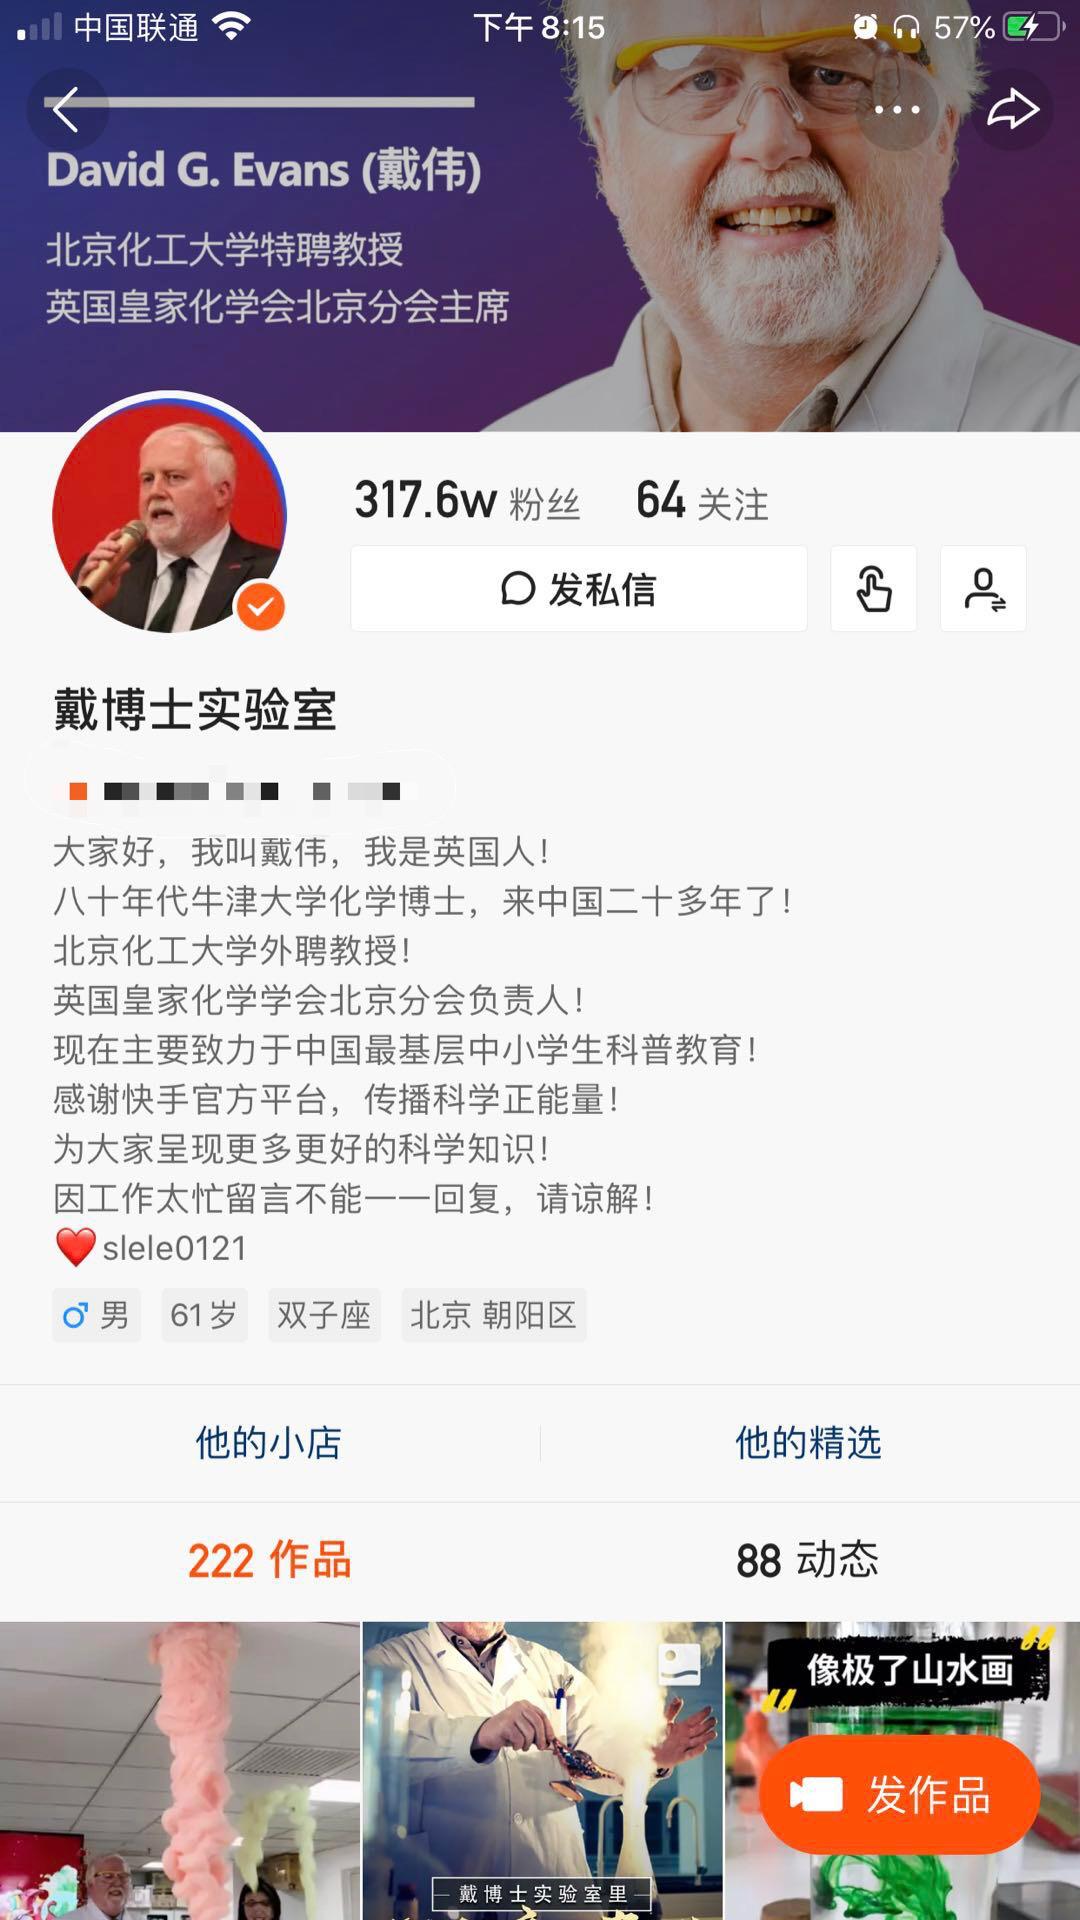 http://www.jiaokaotong.cn/kaoyangongbo/314327.html